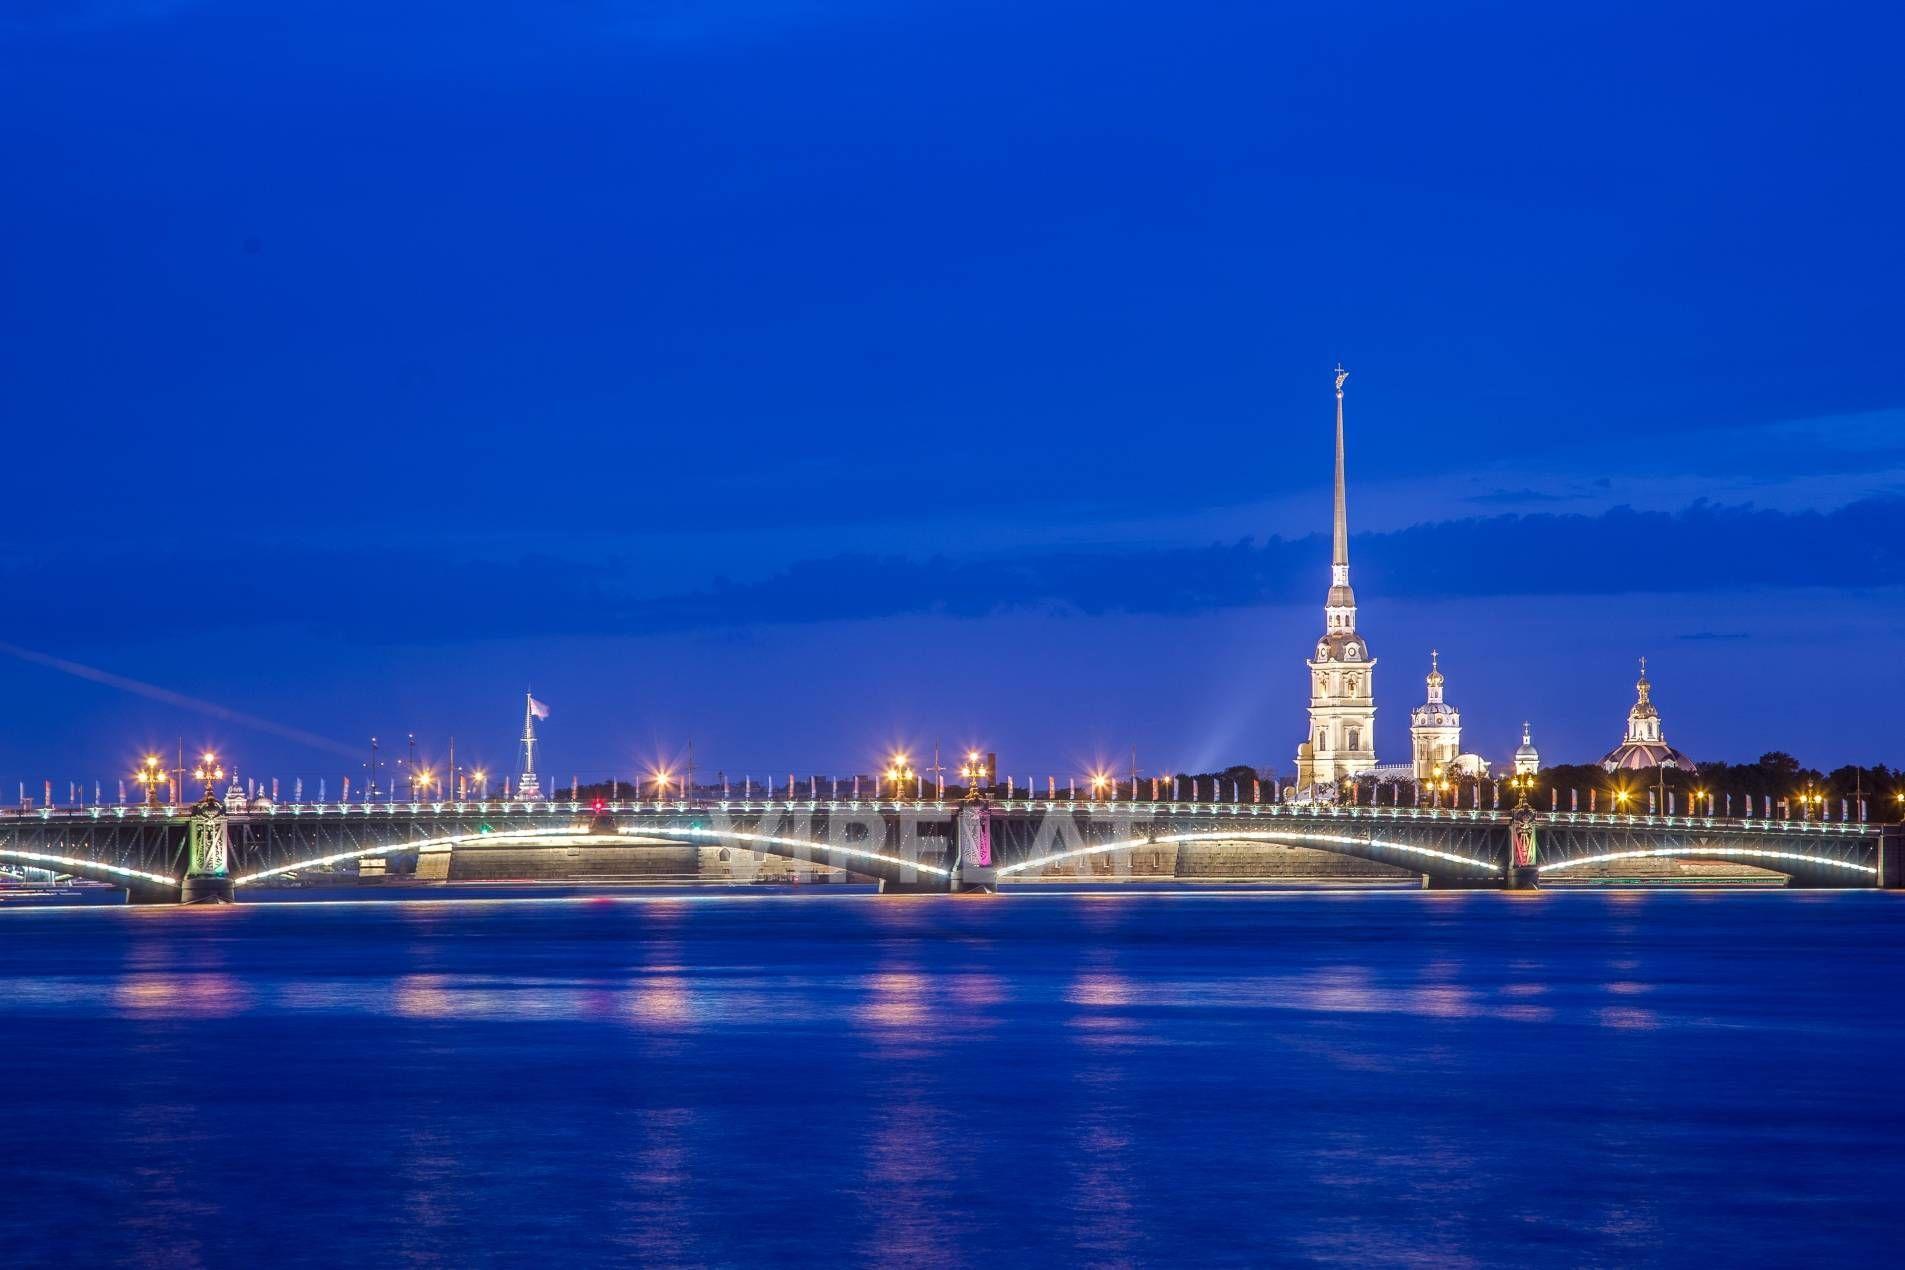 Продажа элитных квартир Санкт-Петербурга. Кутузова наб., 24 Открыточные виды прямо у дома